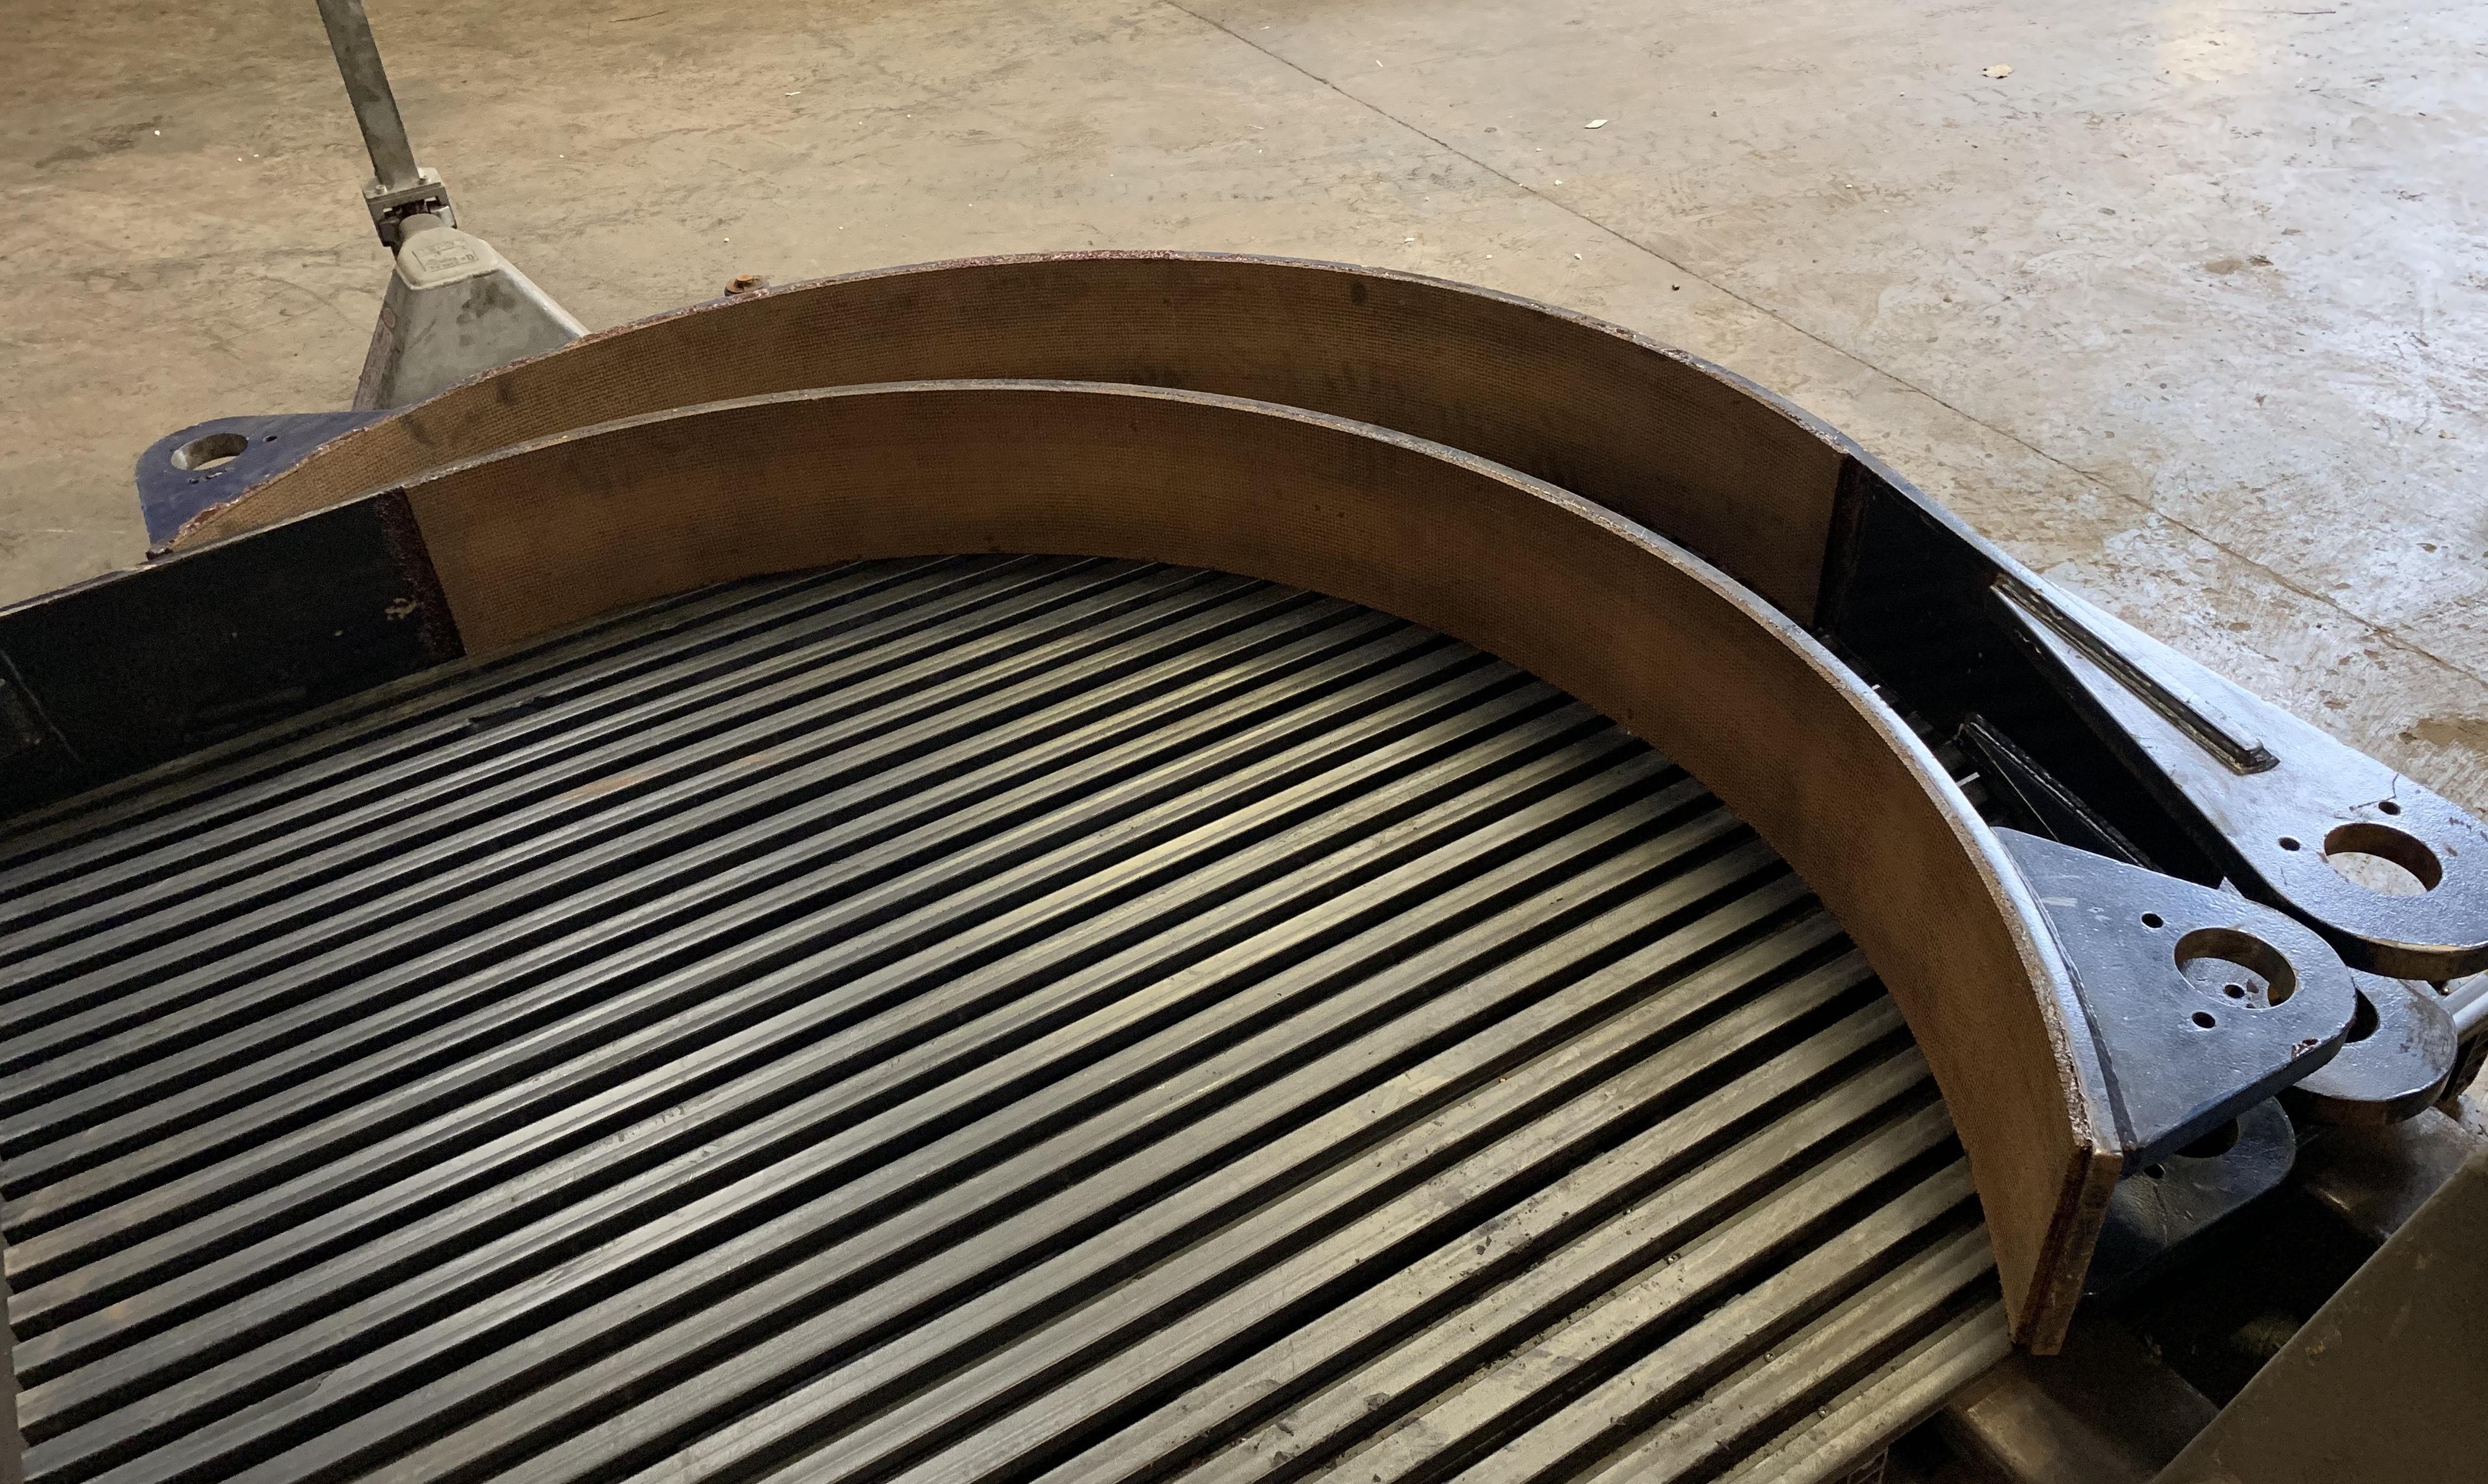 Large brake band